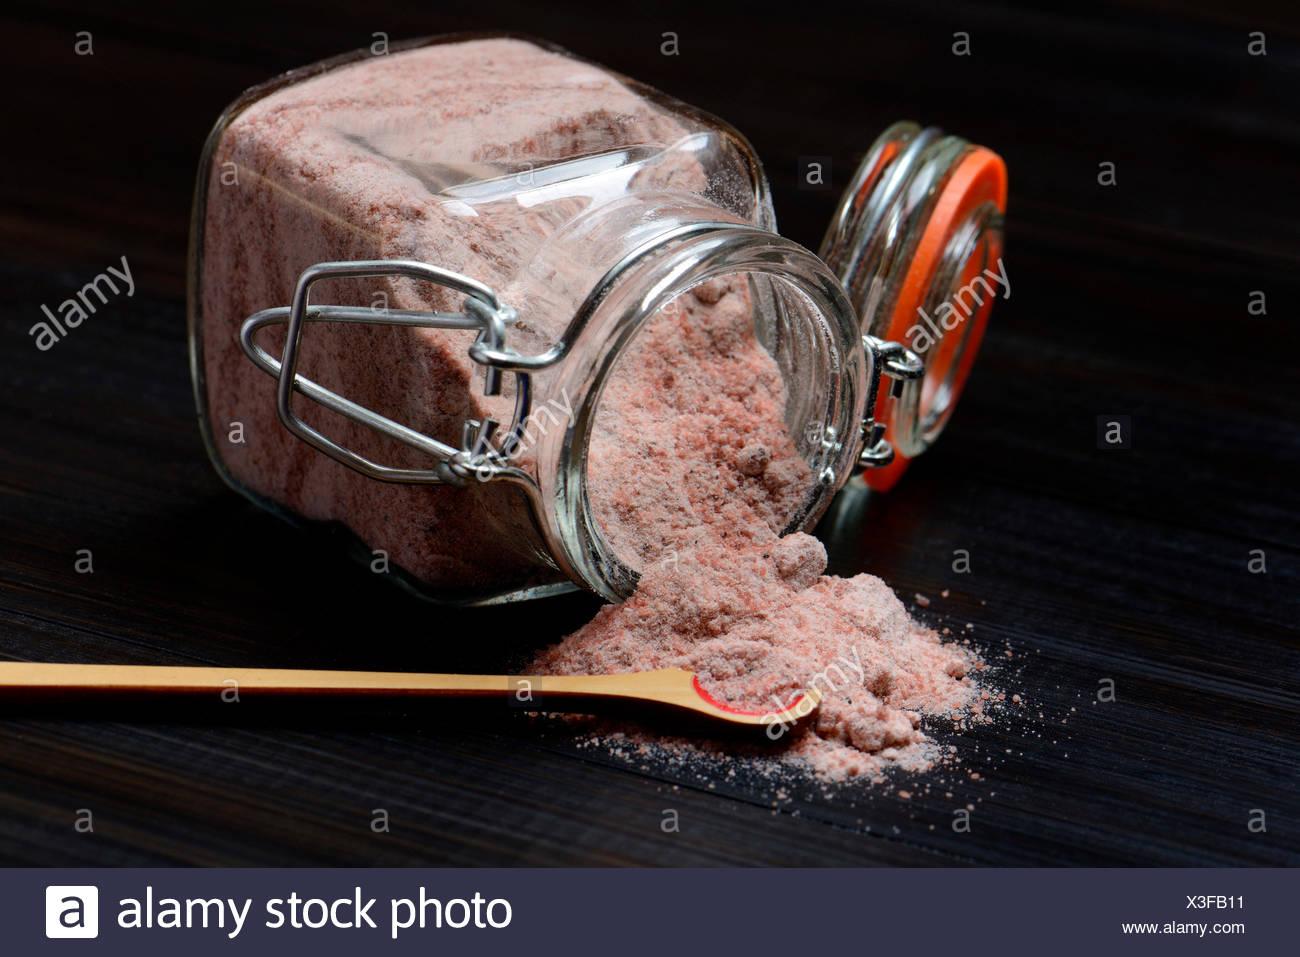 Kala Namak, Gemahlenes Salz in Glasbehaelter Und Loeffelchen, Indisches Salz, Schwarzsalz, Schwarzes Salz, Indien Stockbild